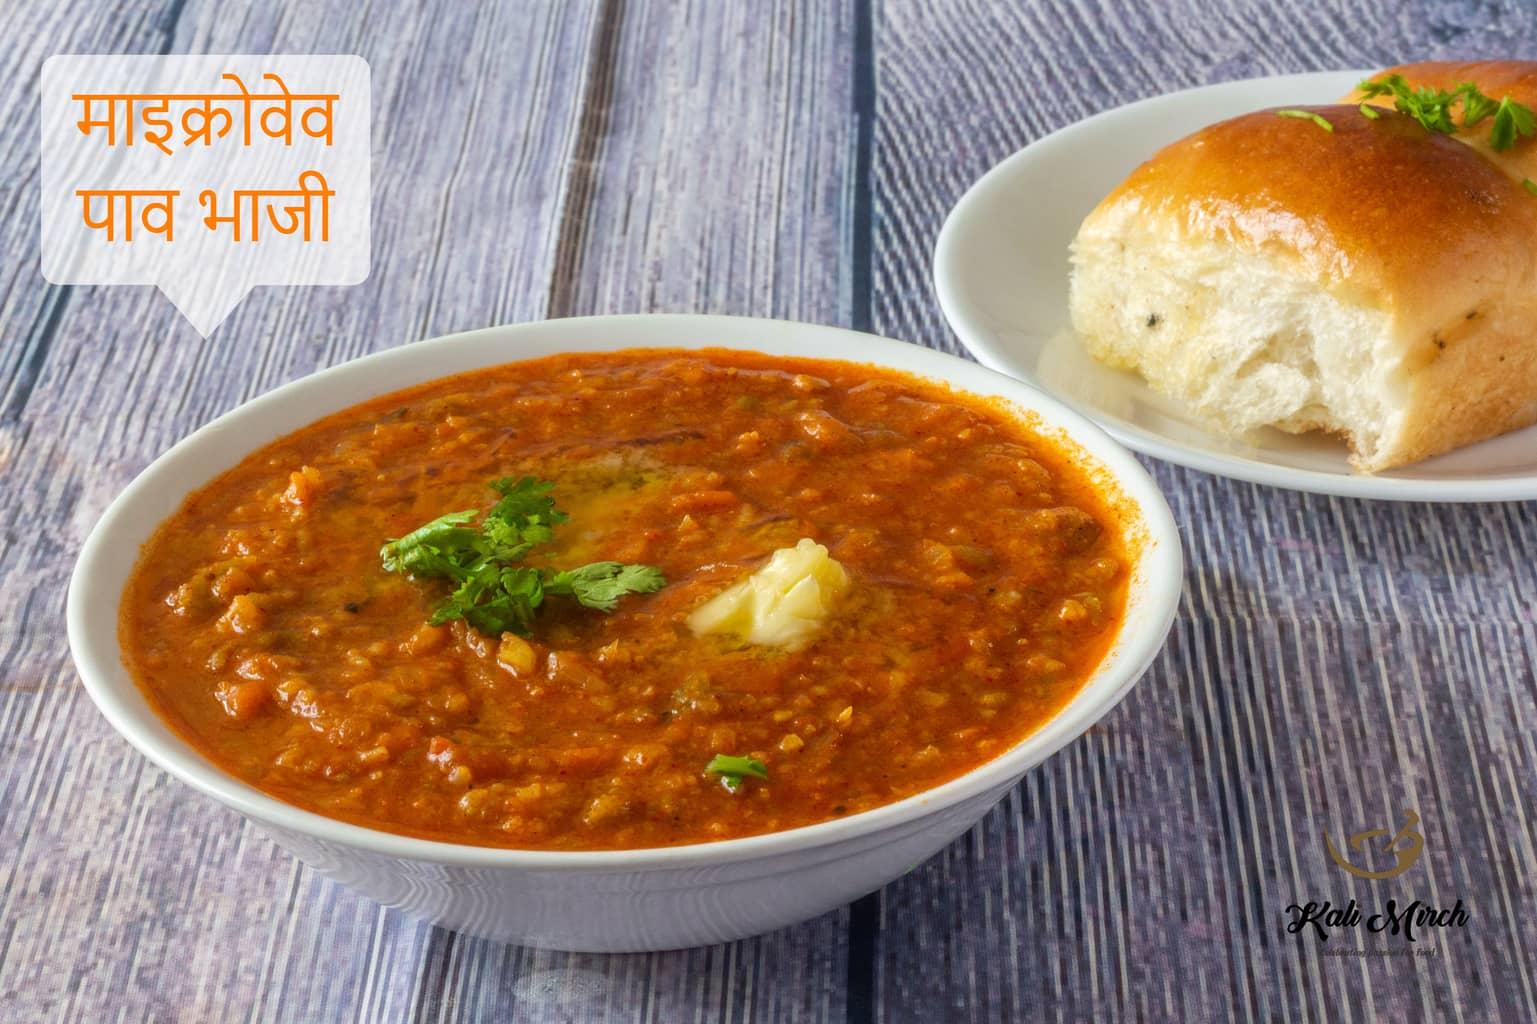 Microwave Pav Bhaji- Pav Bhaji